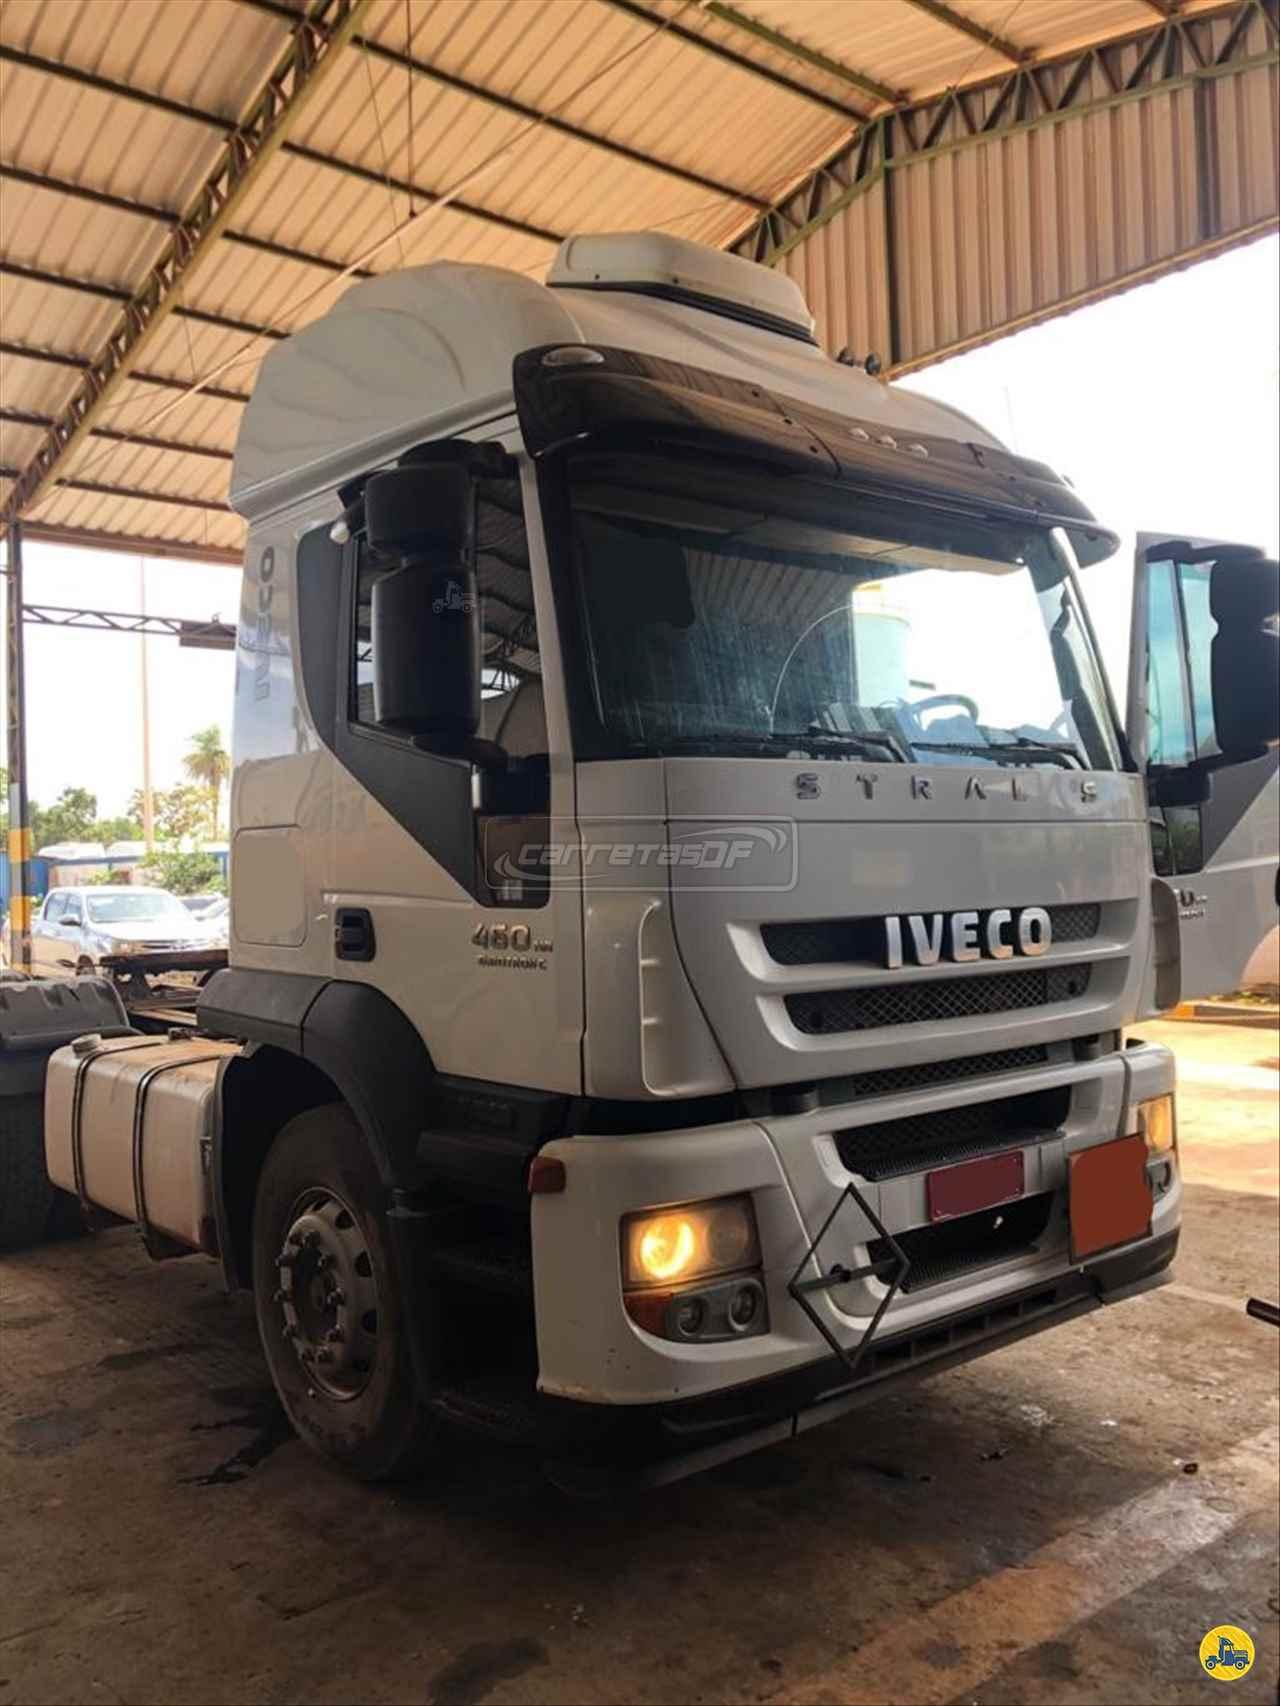 CAMINHAO IVECO STRALIS 460 Cavalo Mecânico Traçado 6x4 CARRETAS DF - NOMA BRASILIA DISTRITO FEDERAL DF